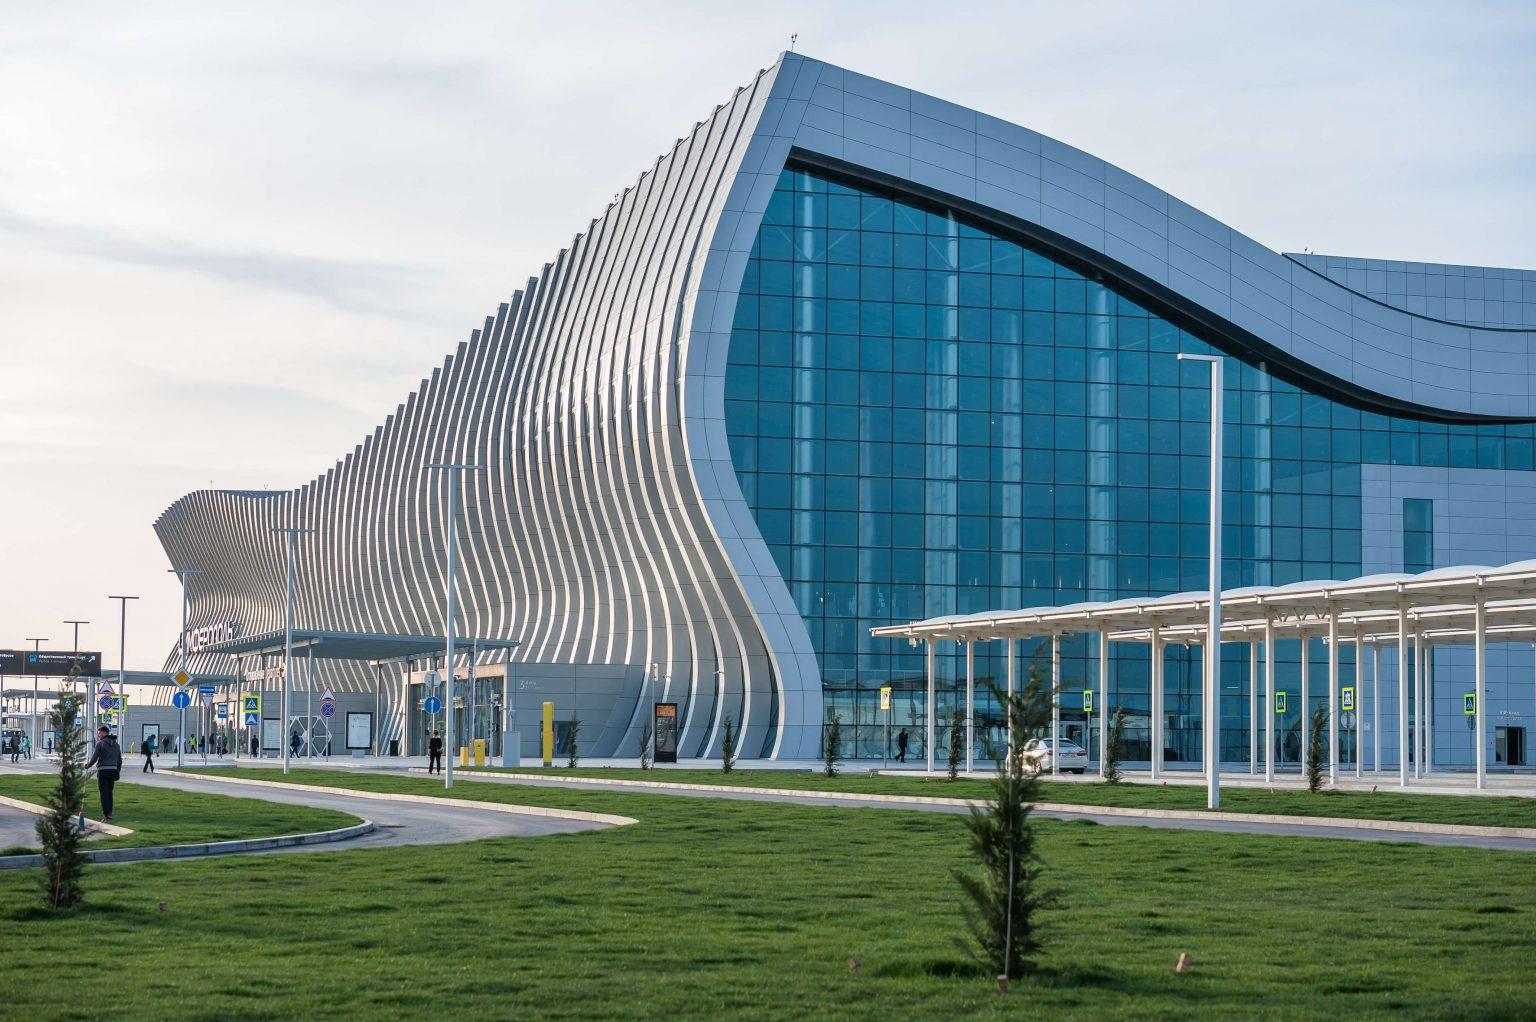 В аэропорту Симферополя сообщили о готовности принимать авиарейсы из Белоруссии